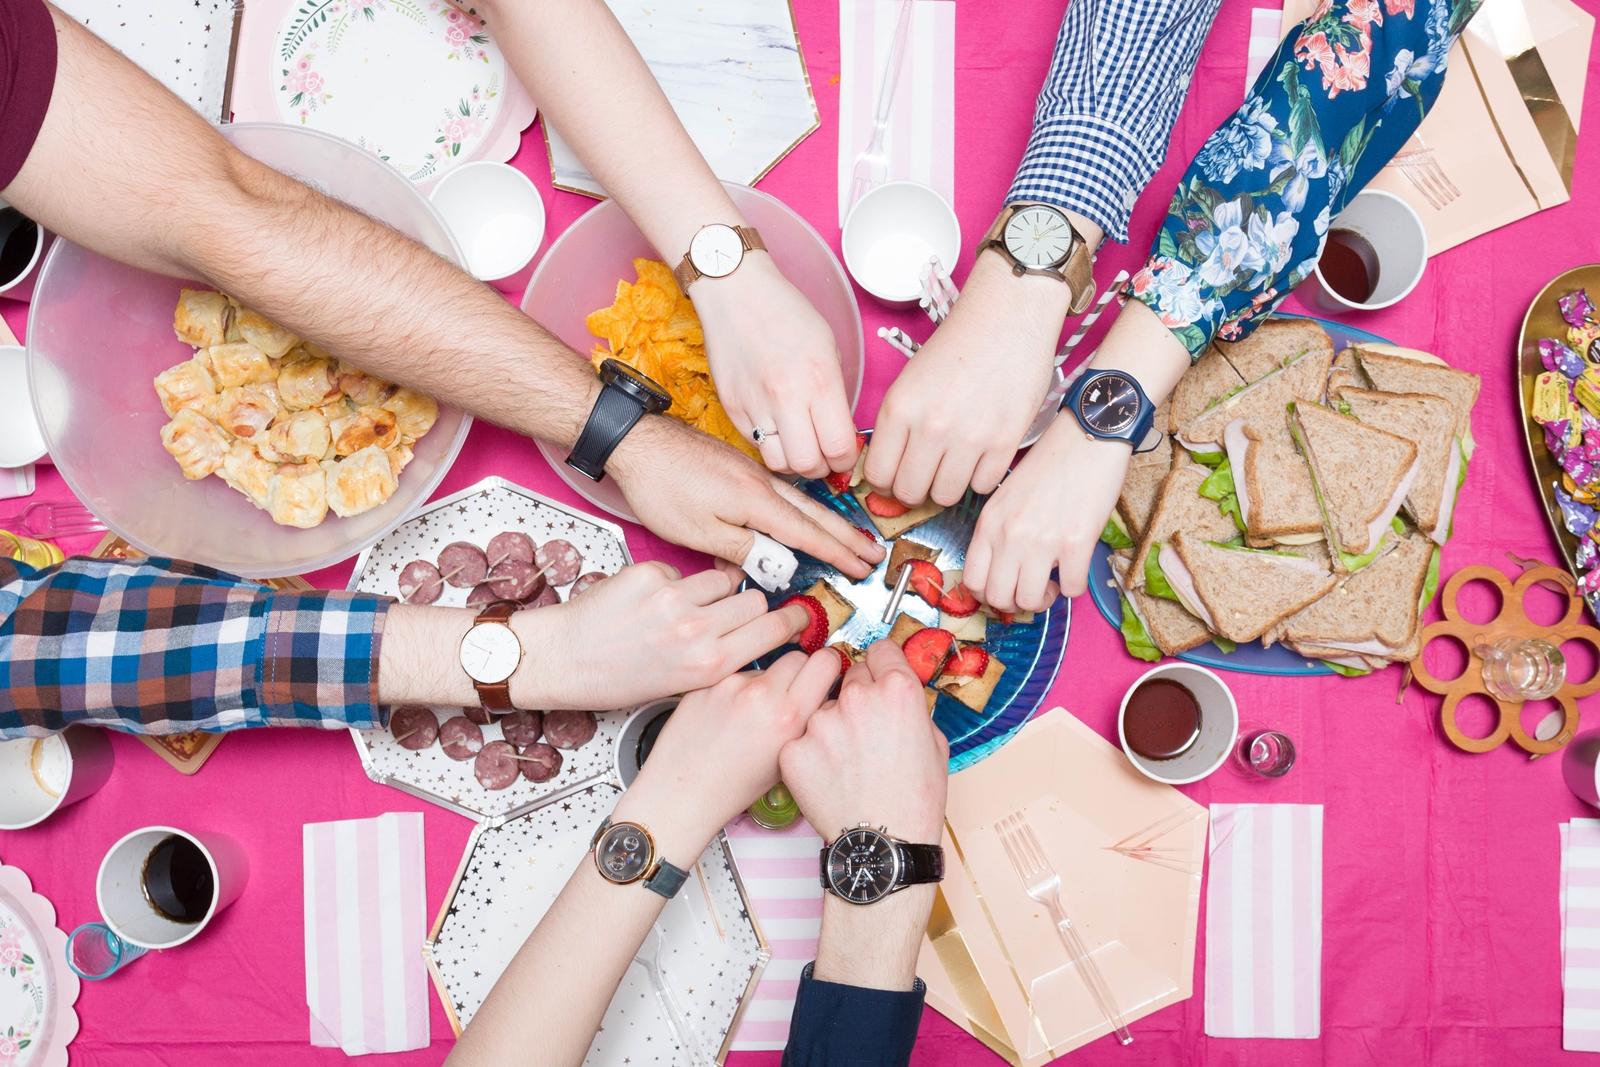 jak zorganizować przyjęcie urodzinowe tanie ozdoby dekoracje urodzinowe partybox konkurs kod rabatowy melodylaniella ozdoby dodatki urodzinowe pomysły na prezent